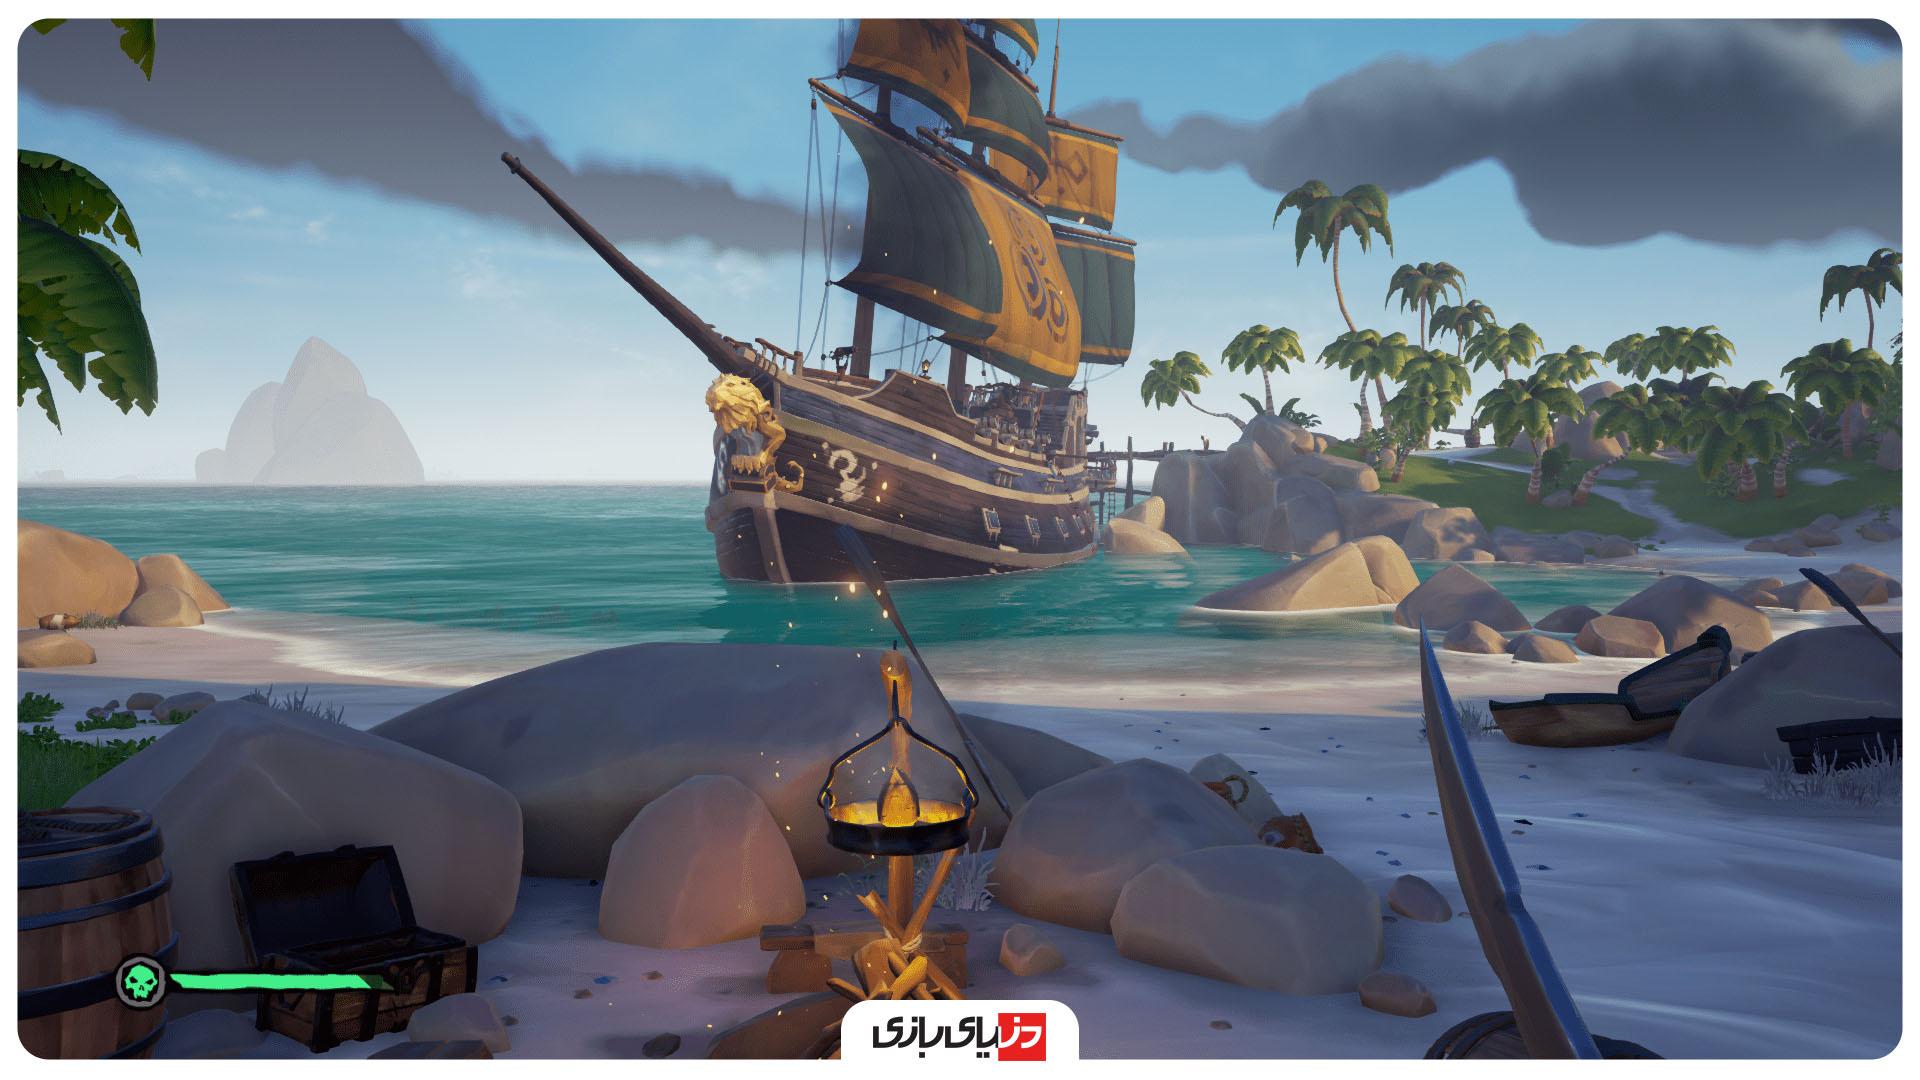 بررسی بازی Sea of Thieves -دانلود بازی Sea of Thieves